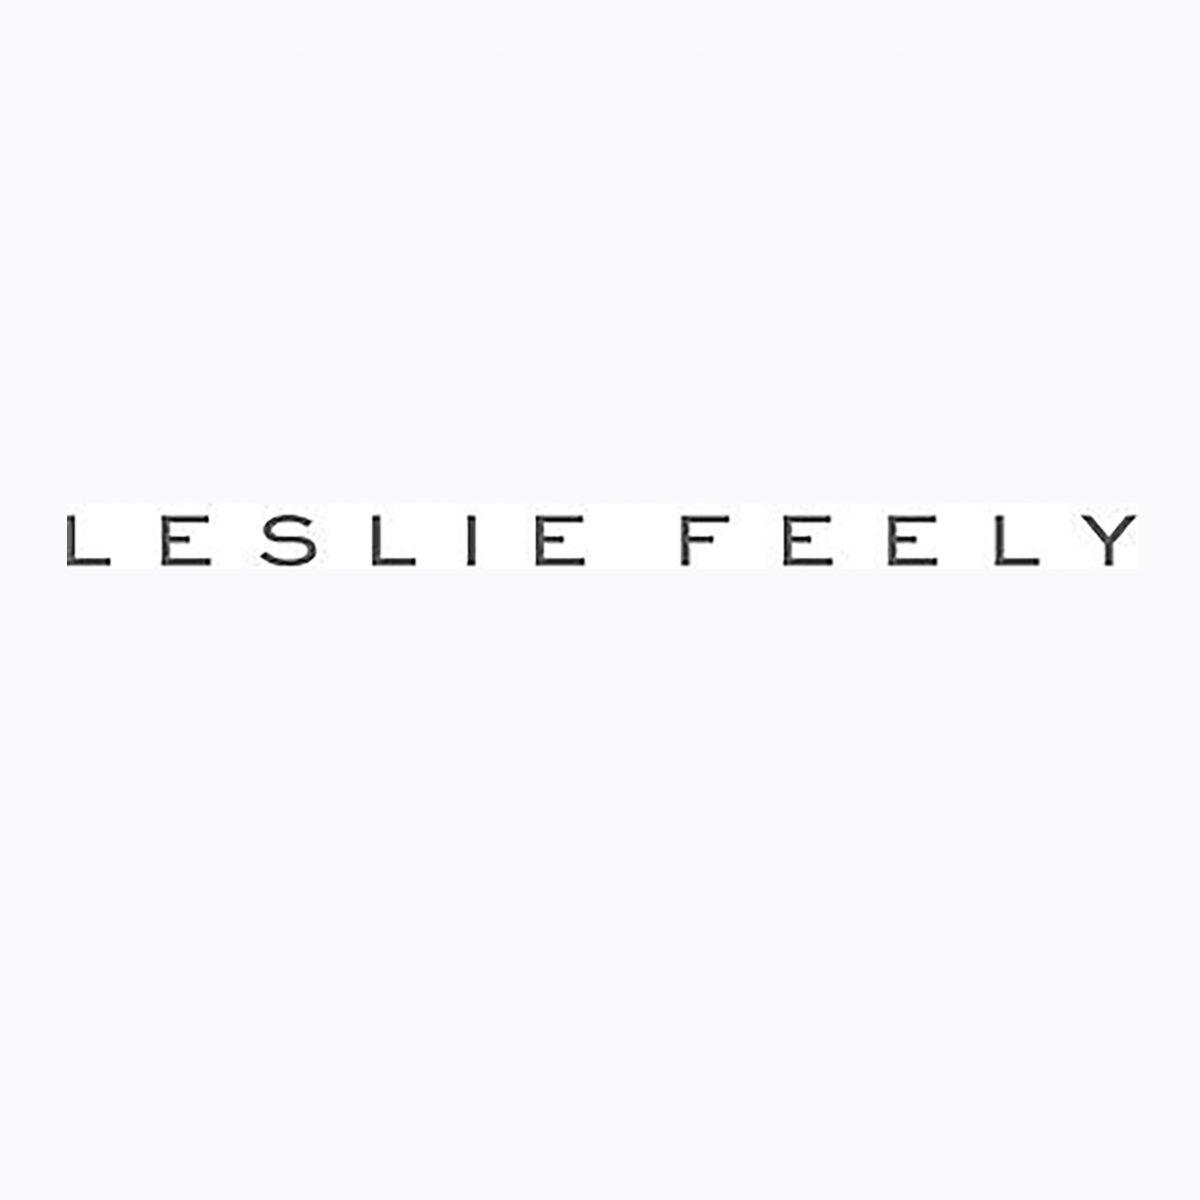 LESLIE FEELY